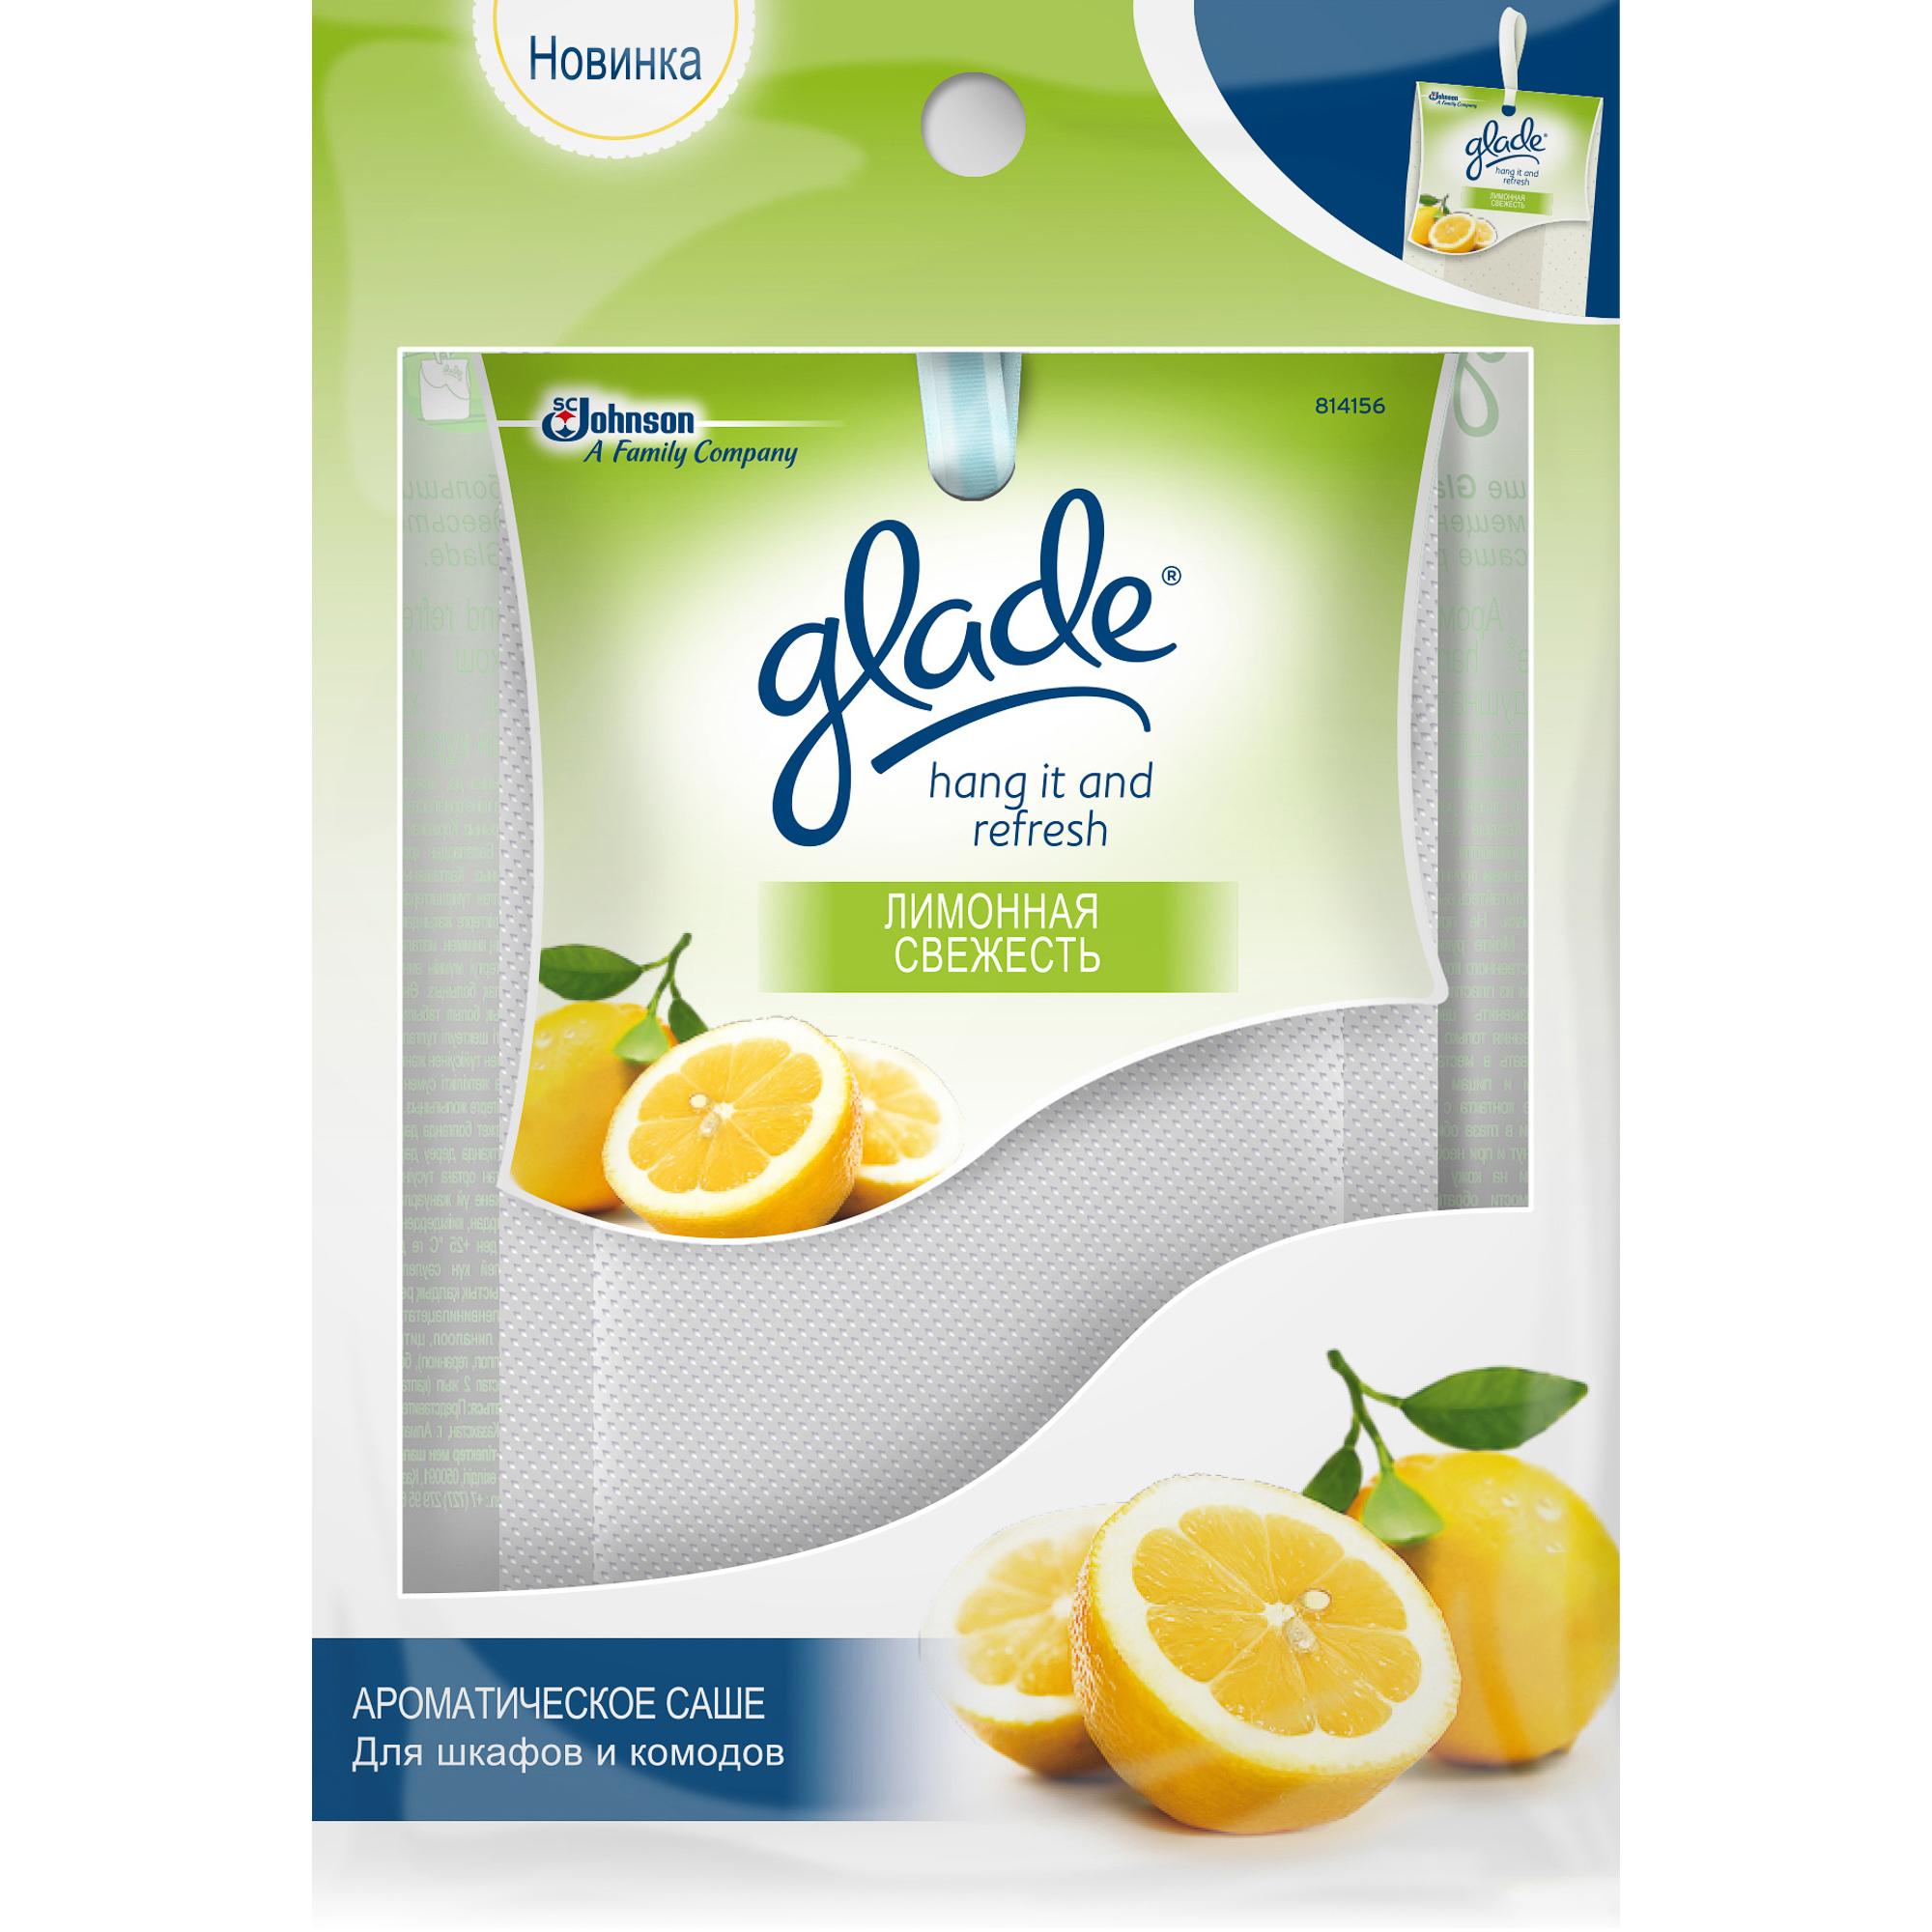 Фото - Ароматическое саше Glade Hang It and Refresh Лимонная свежесть 8 г chirton саше лимонная свежесть 15 гр